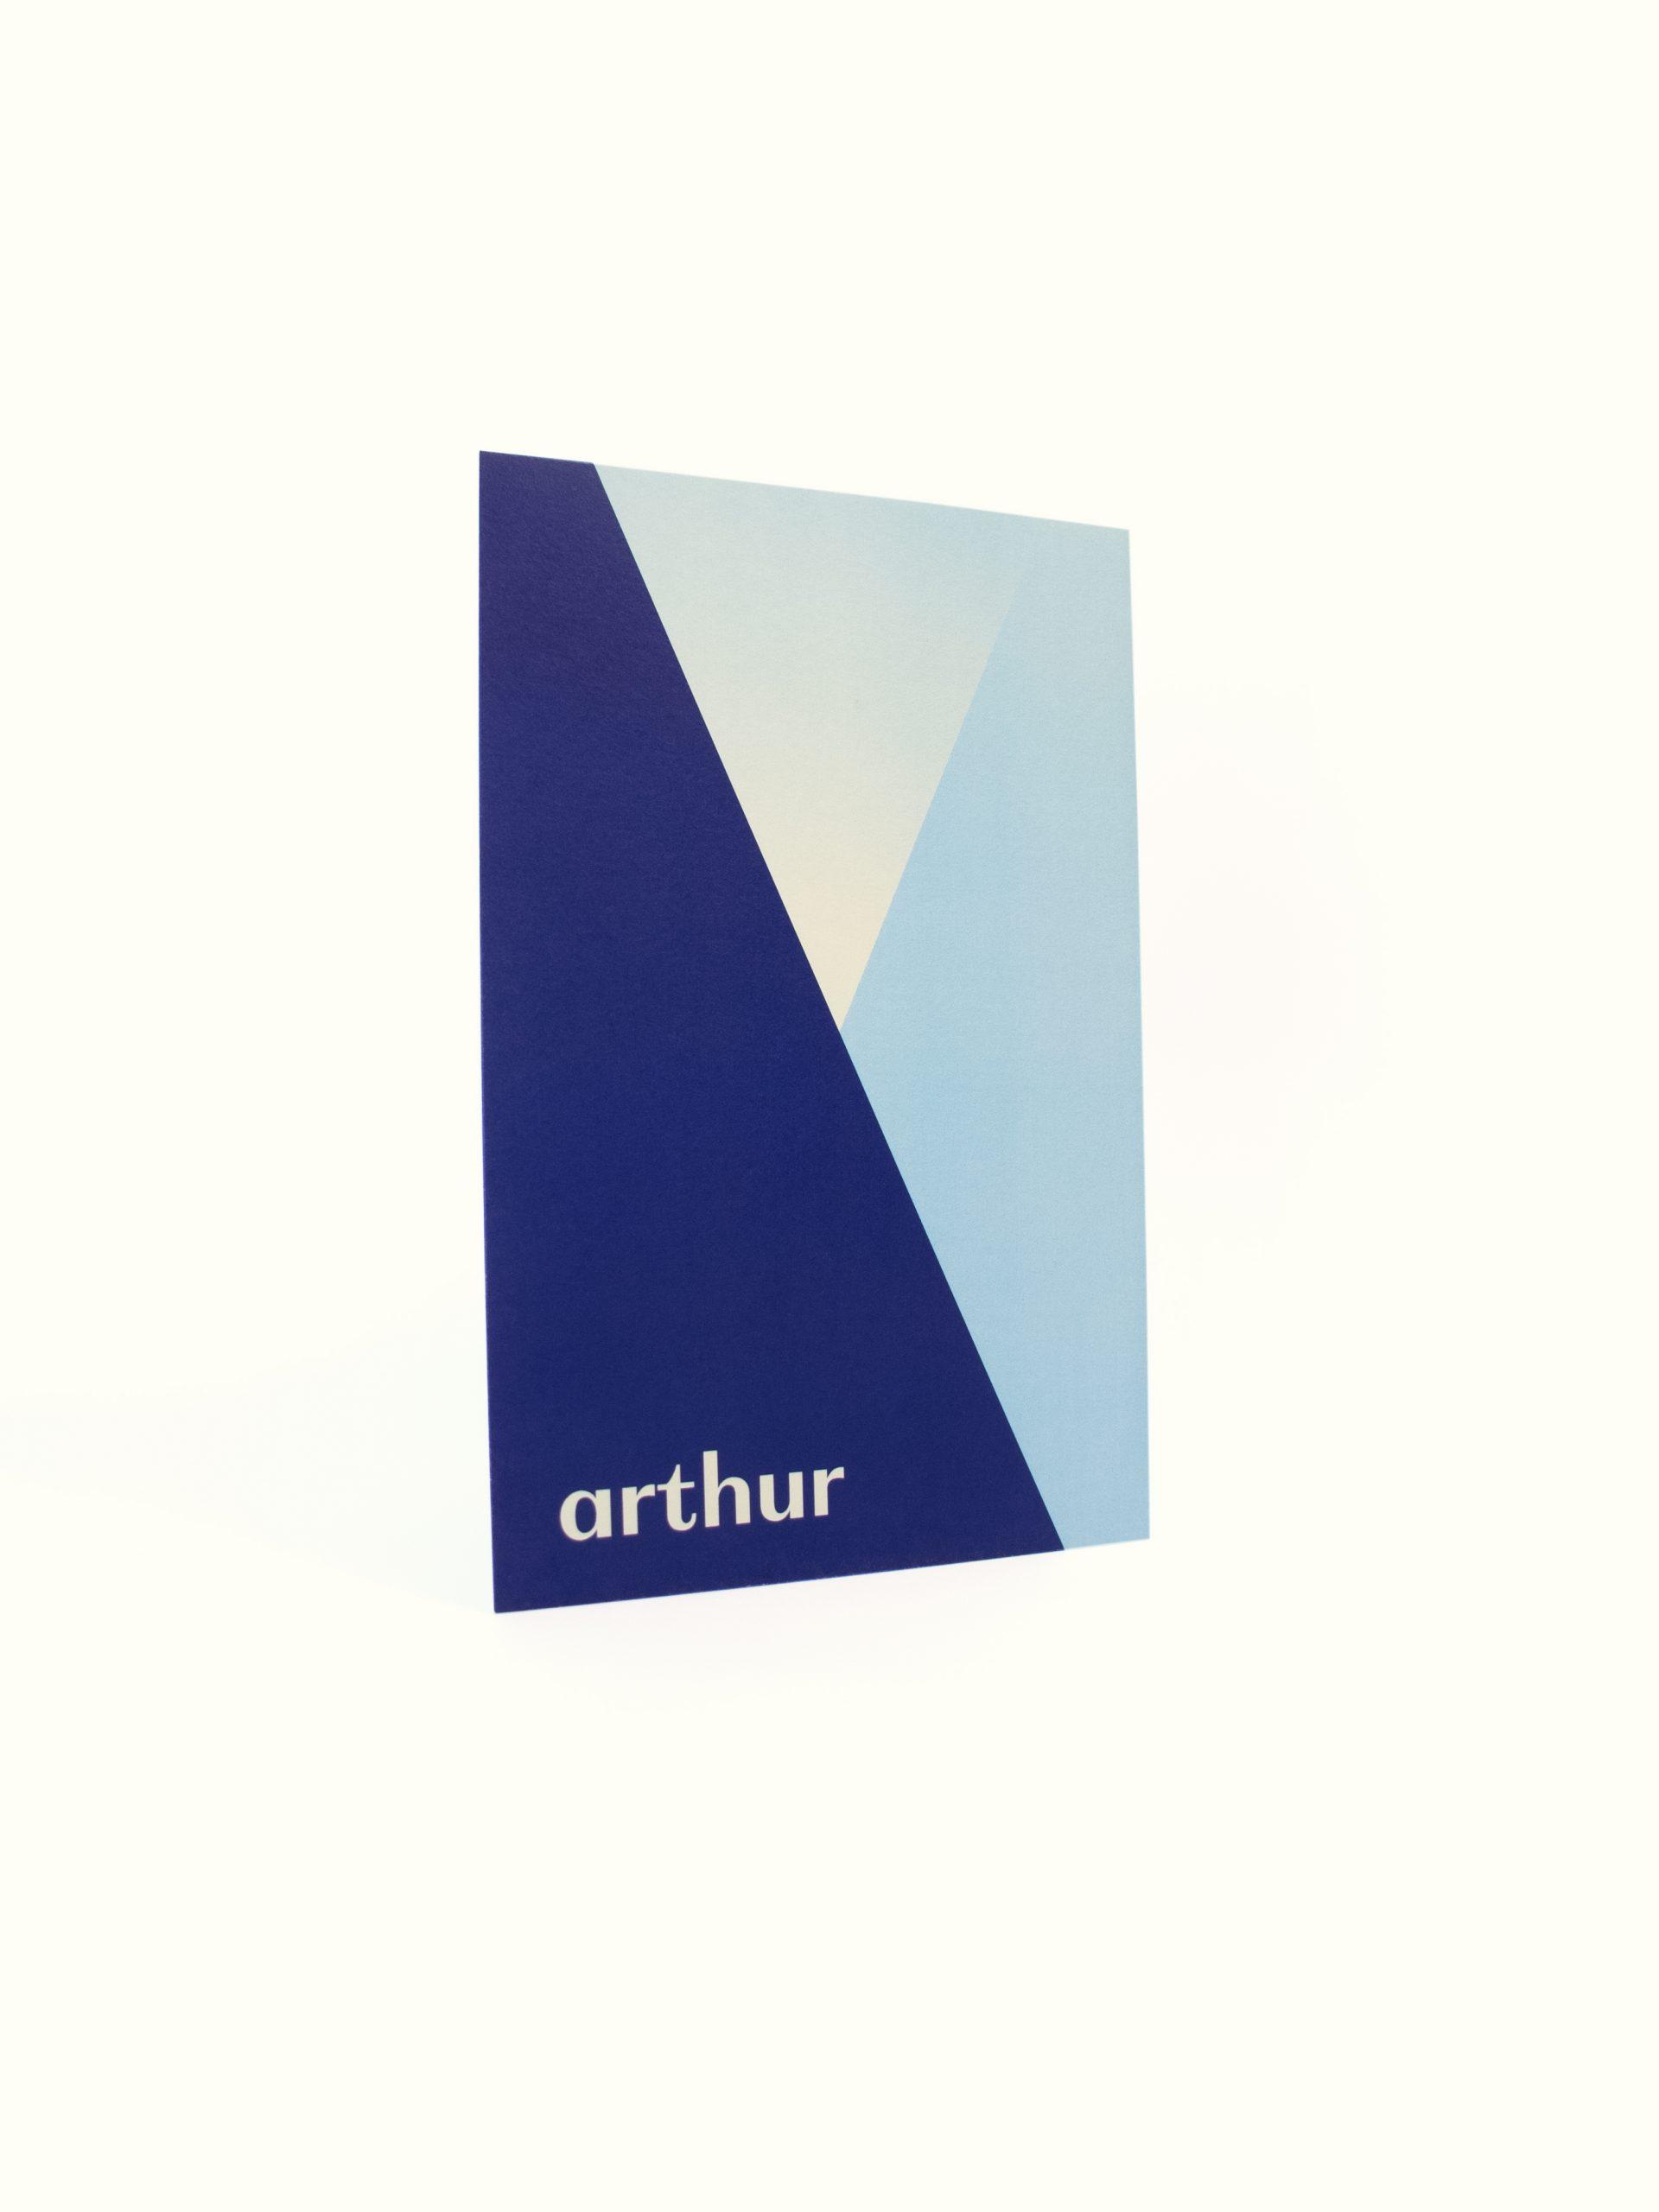 Arthur_1